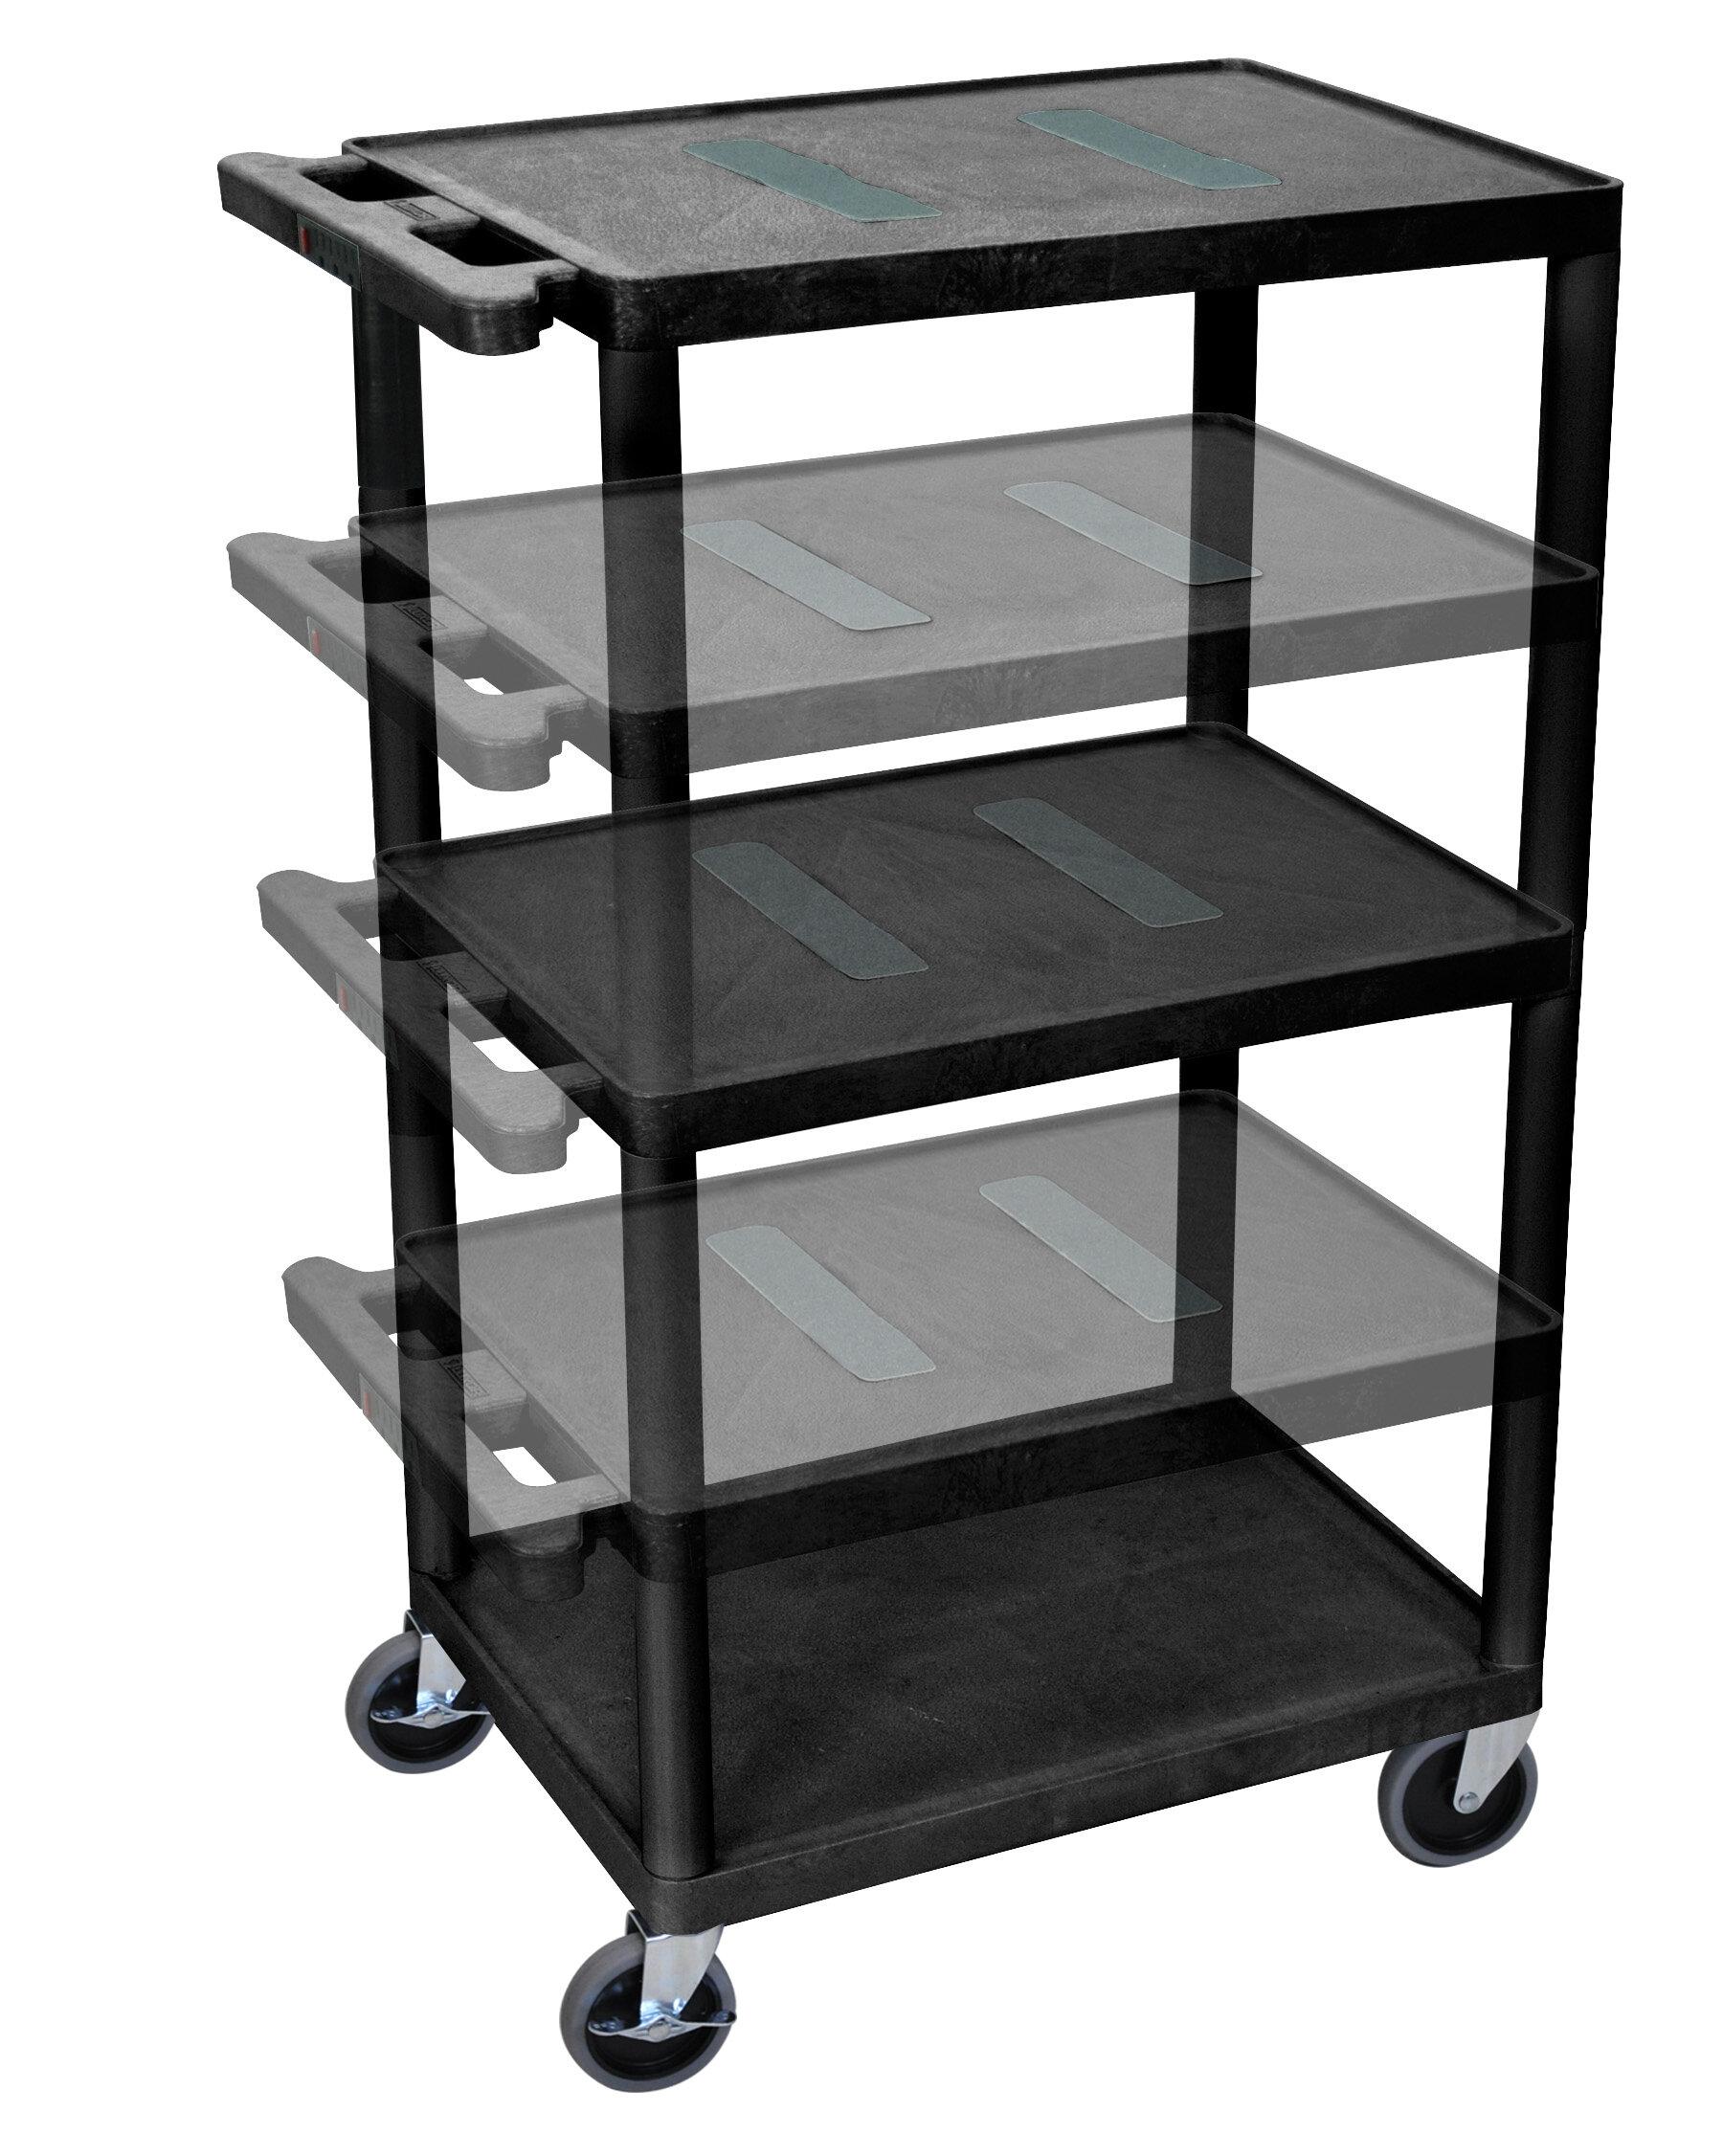 Offex Endura Multi Height 5 Shelf Av Cart Wayfair